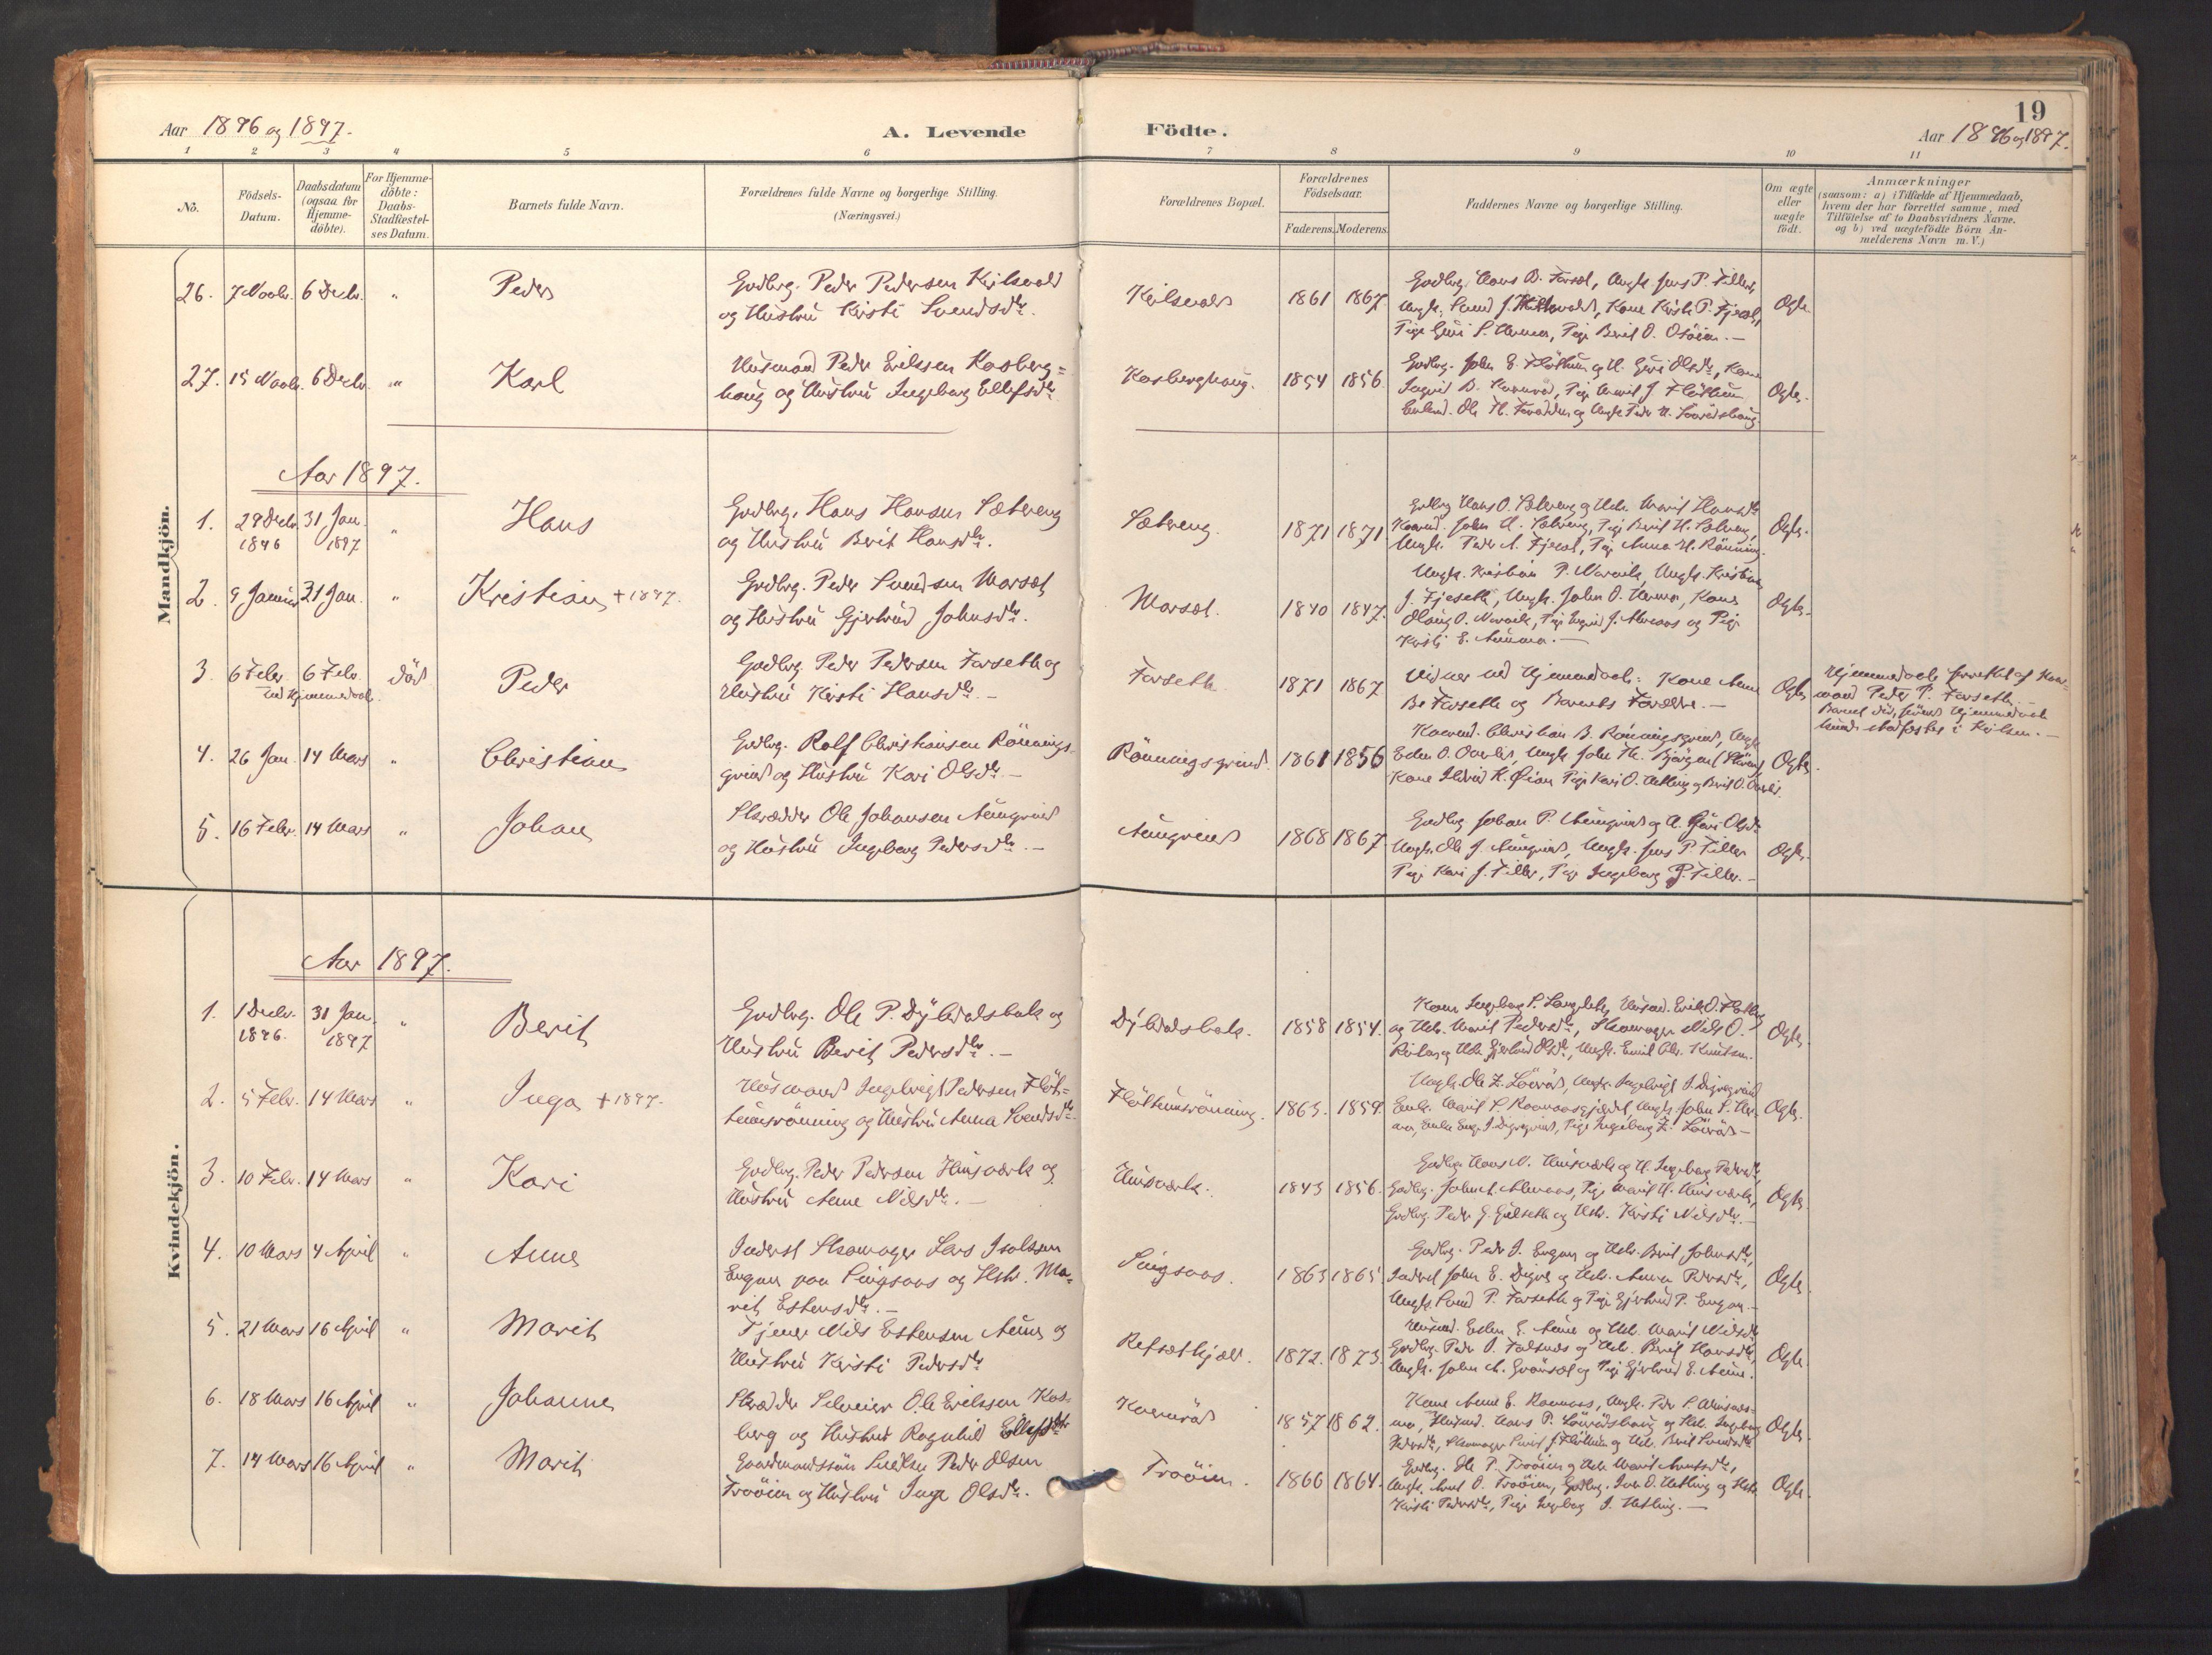 SAT, Ministerialprotokoller, klokkerbøker og fødselsregistre - Sør-Trøndelag, 688/L1025: Ministerialbok nr. 688A02, 1891-1909, s. 19